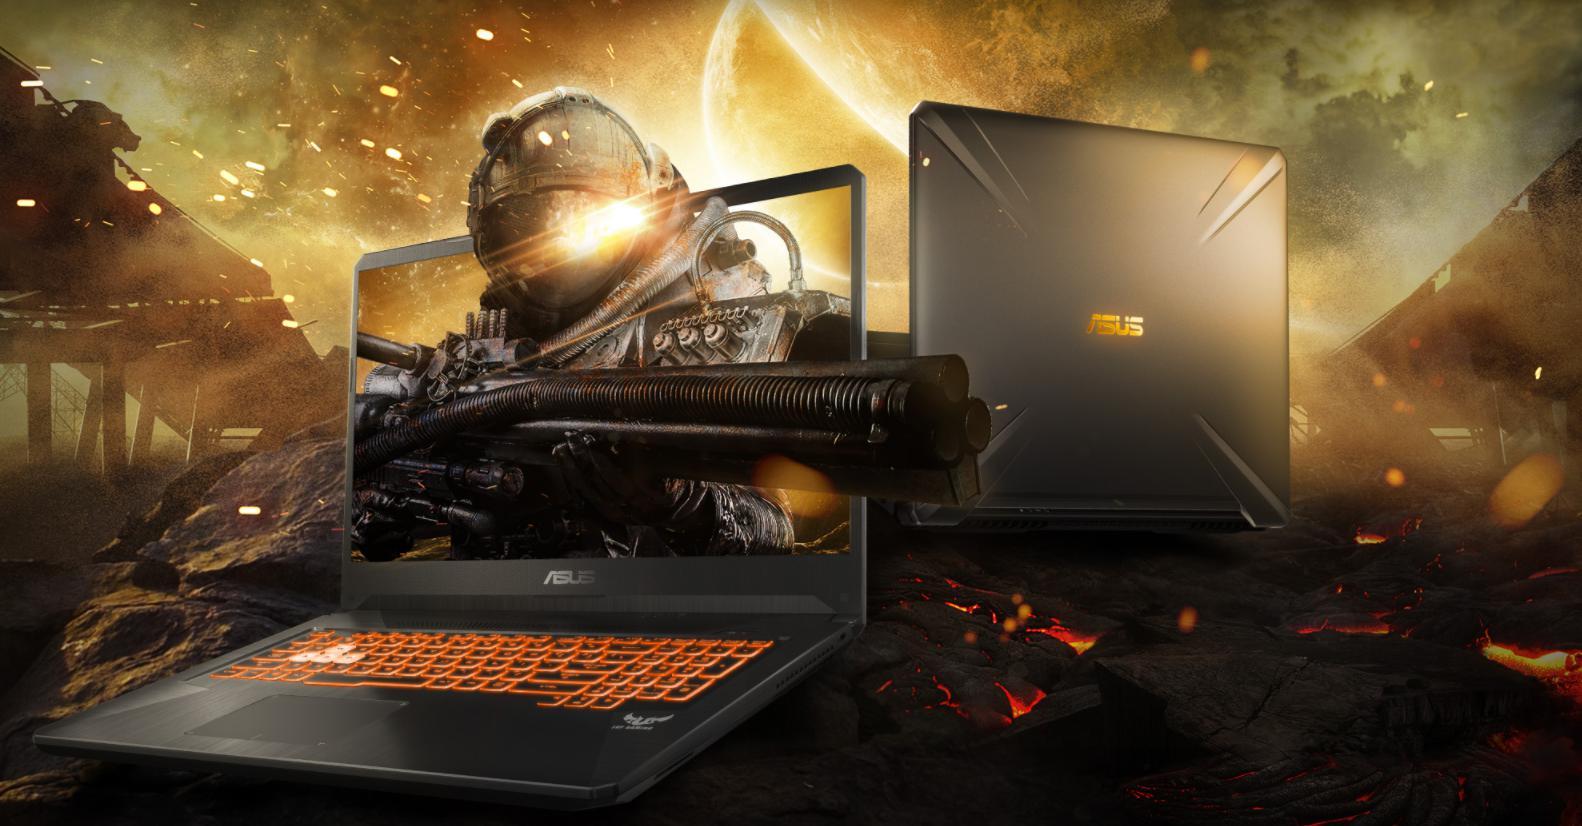 Đánh giá sản phẩm Laptop Asus TUF Gaming FX705GE-EW165T 13